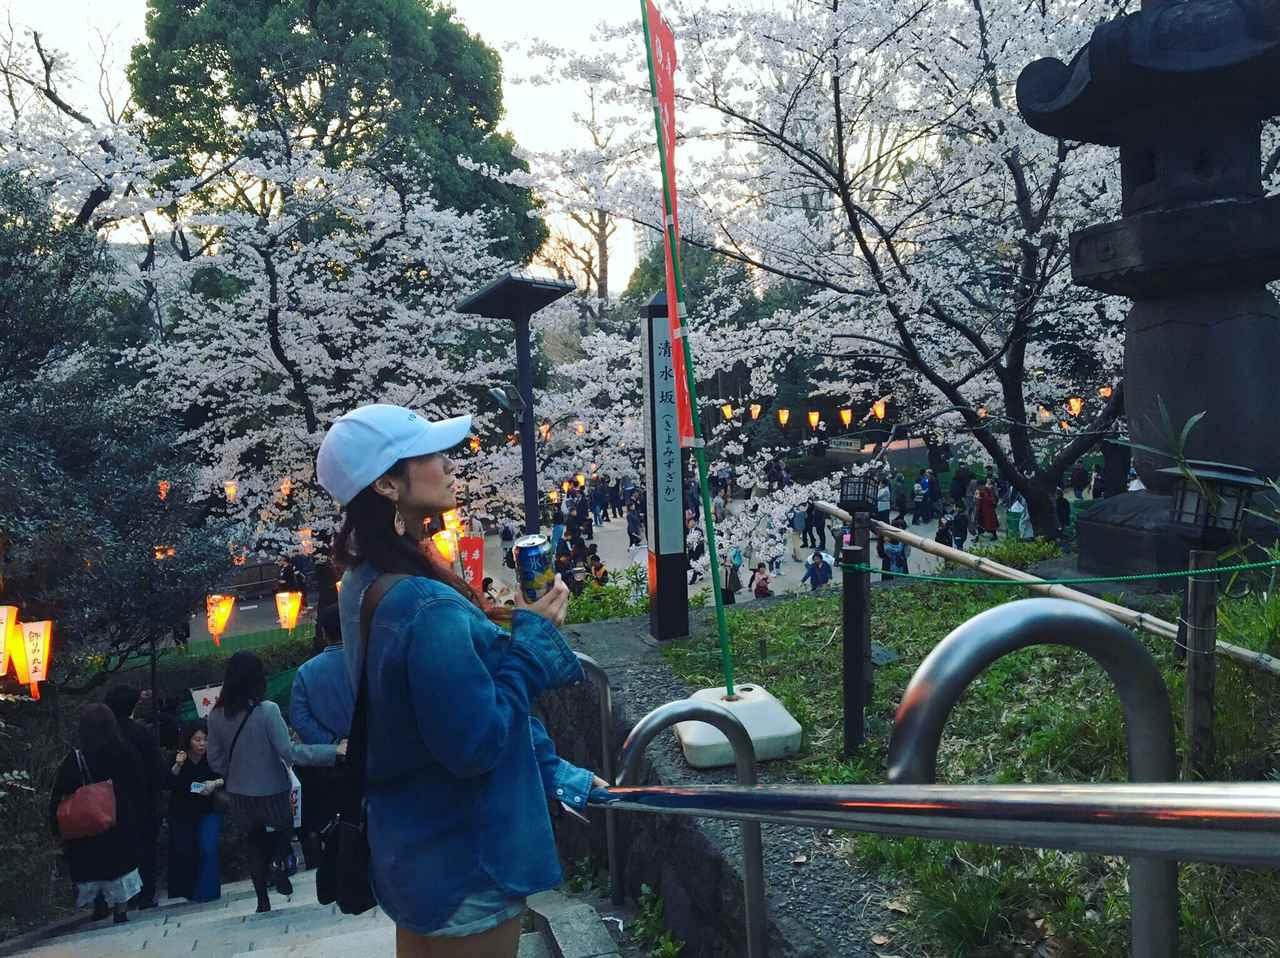 画像7: ミク様は花より団子!?今年初のお花見は◯◯へ行ってきました♡【水曜日のミク様】